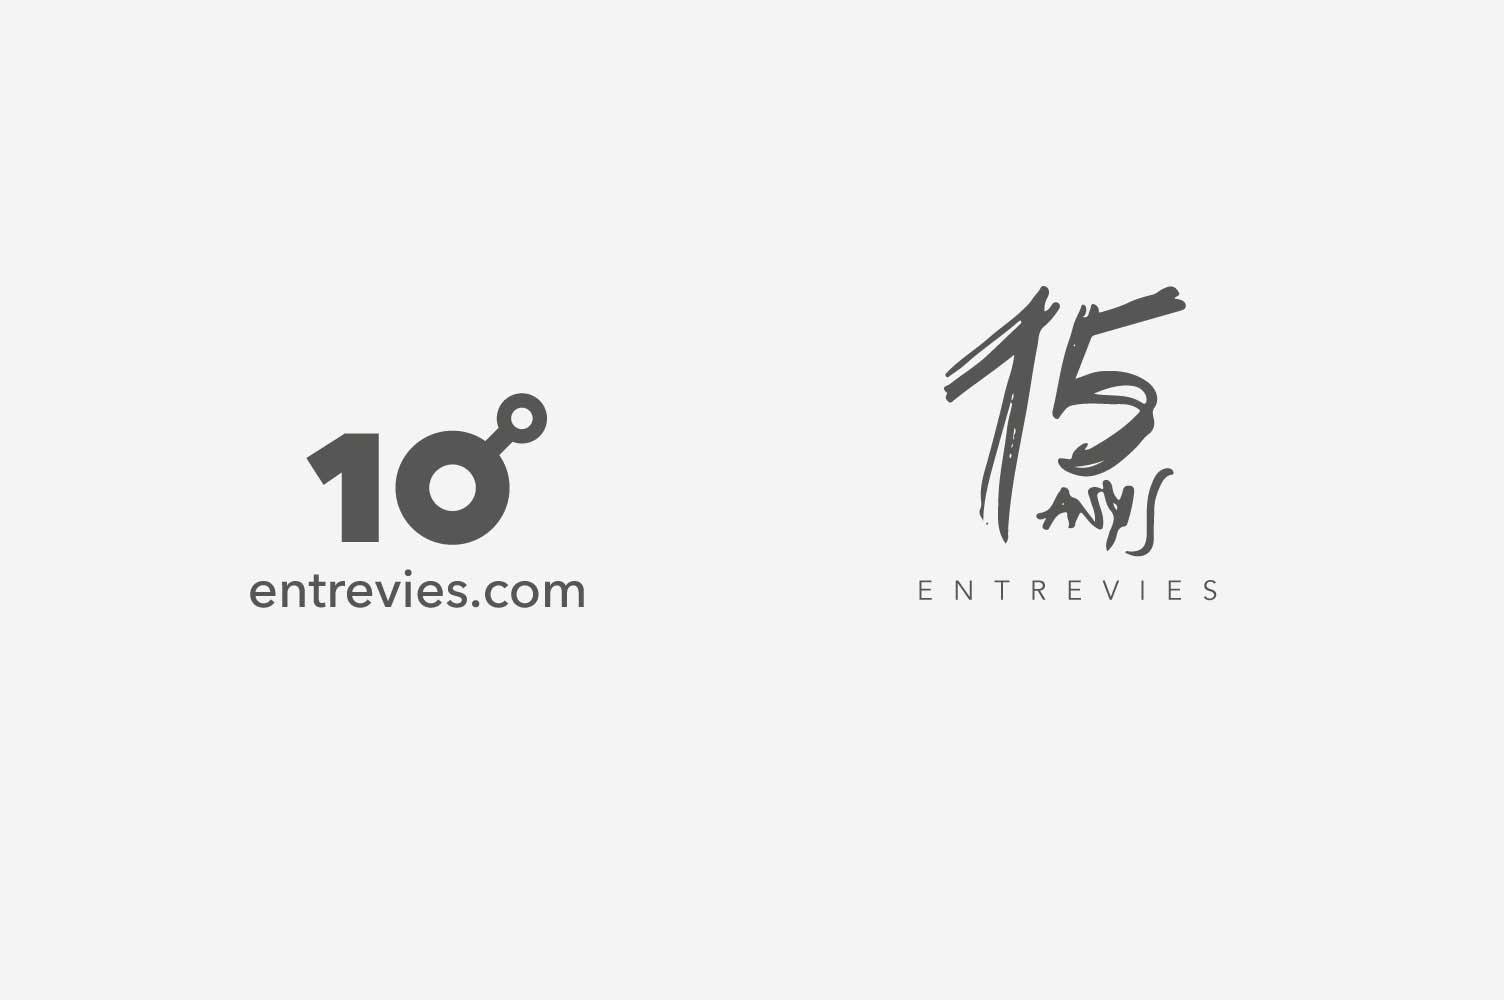 Marcas 10 y 15 aniversarios entrevies